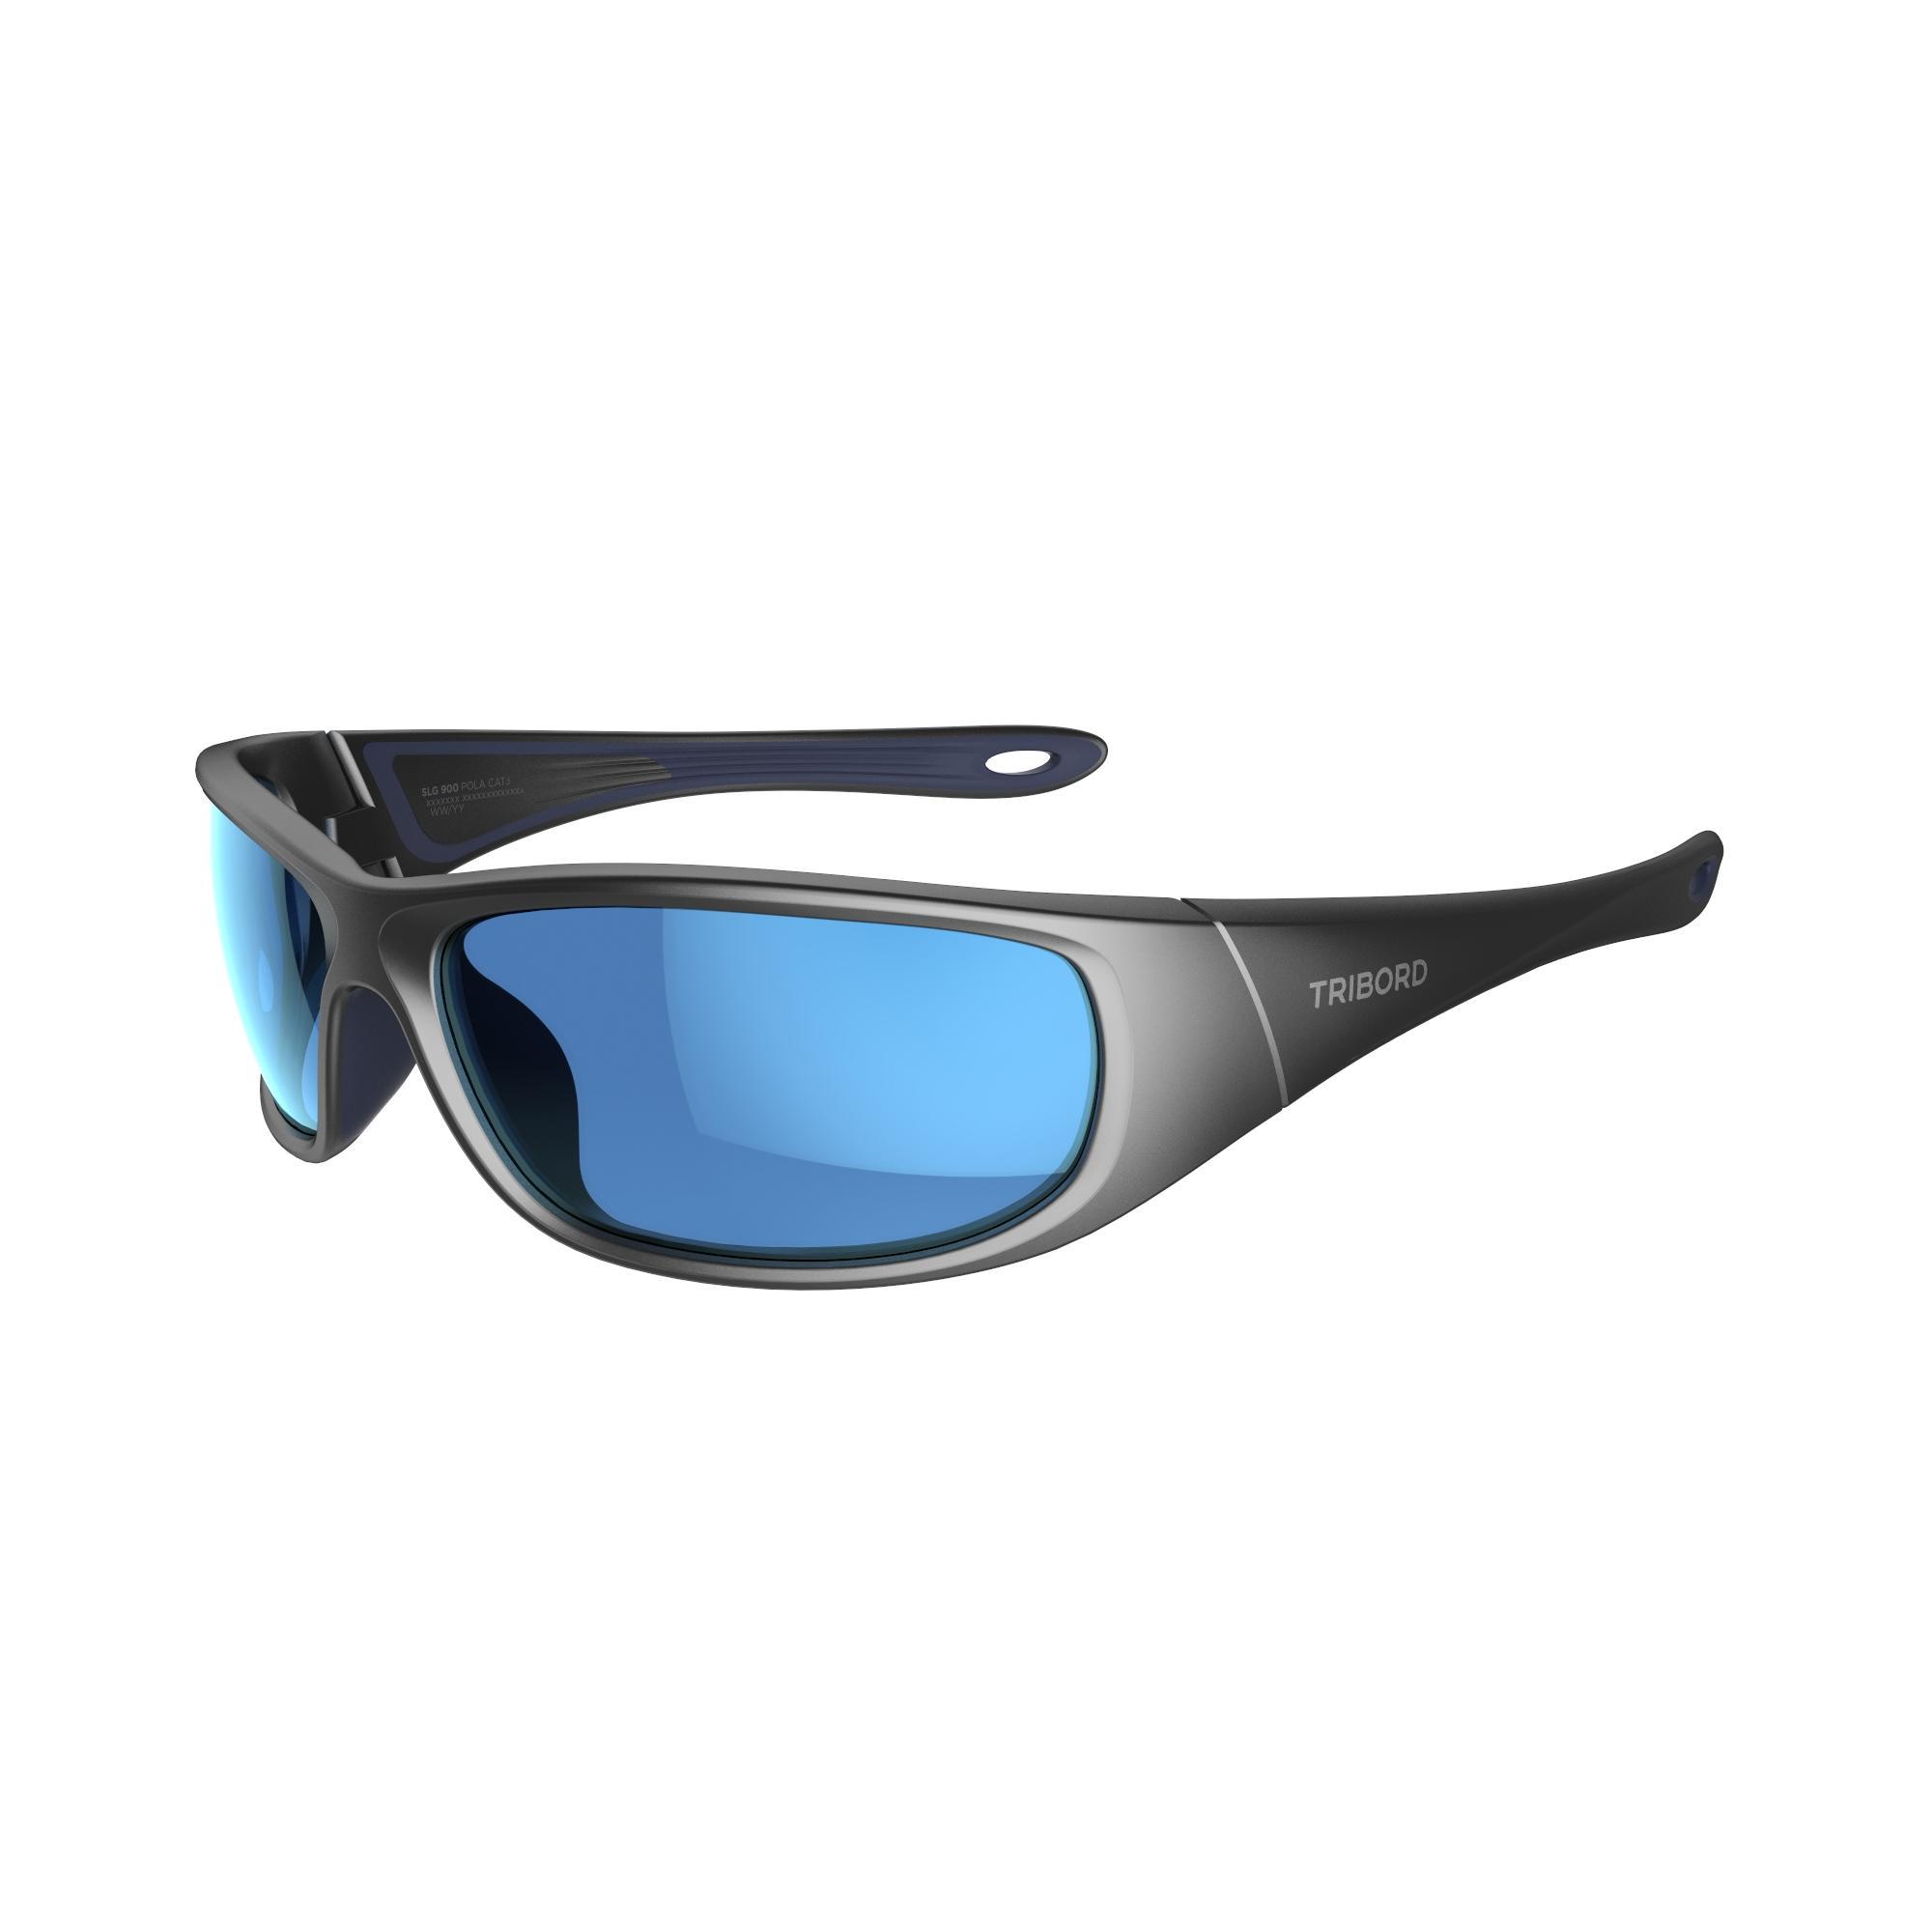 Tribord Watersportbril 900 voor volwassenen, grijs, drijvend, polariserend categorie 3